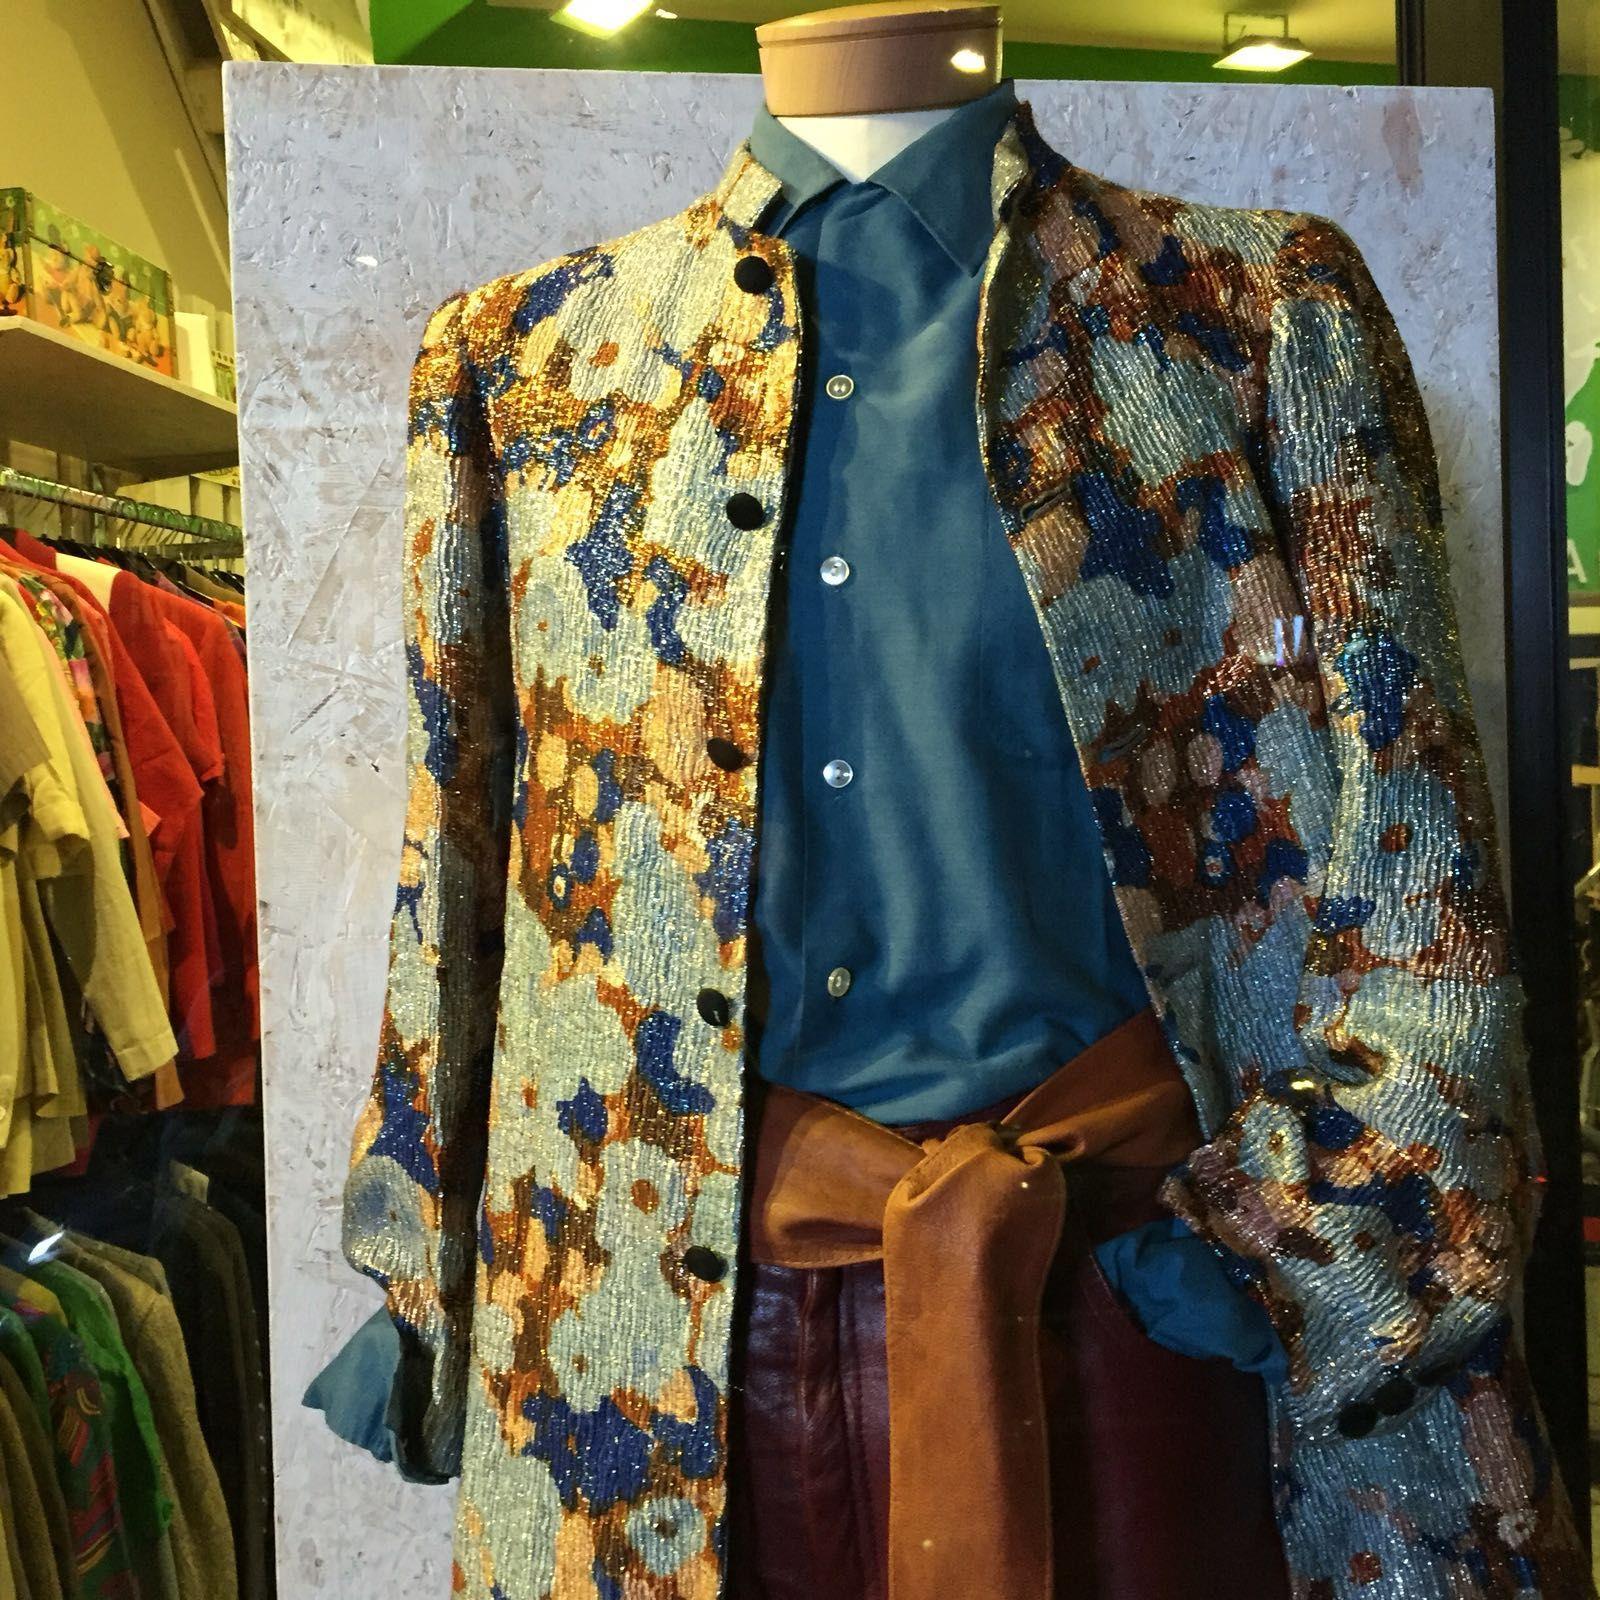 Nuova collezione primavera estate 2016 da marted 15 03 for Negozi di arredamento milano